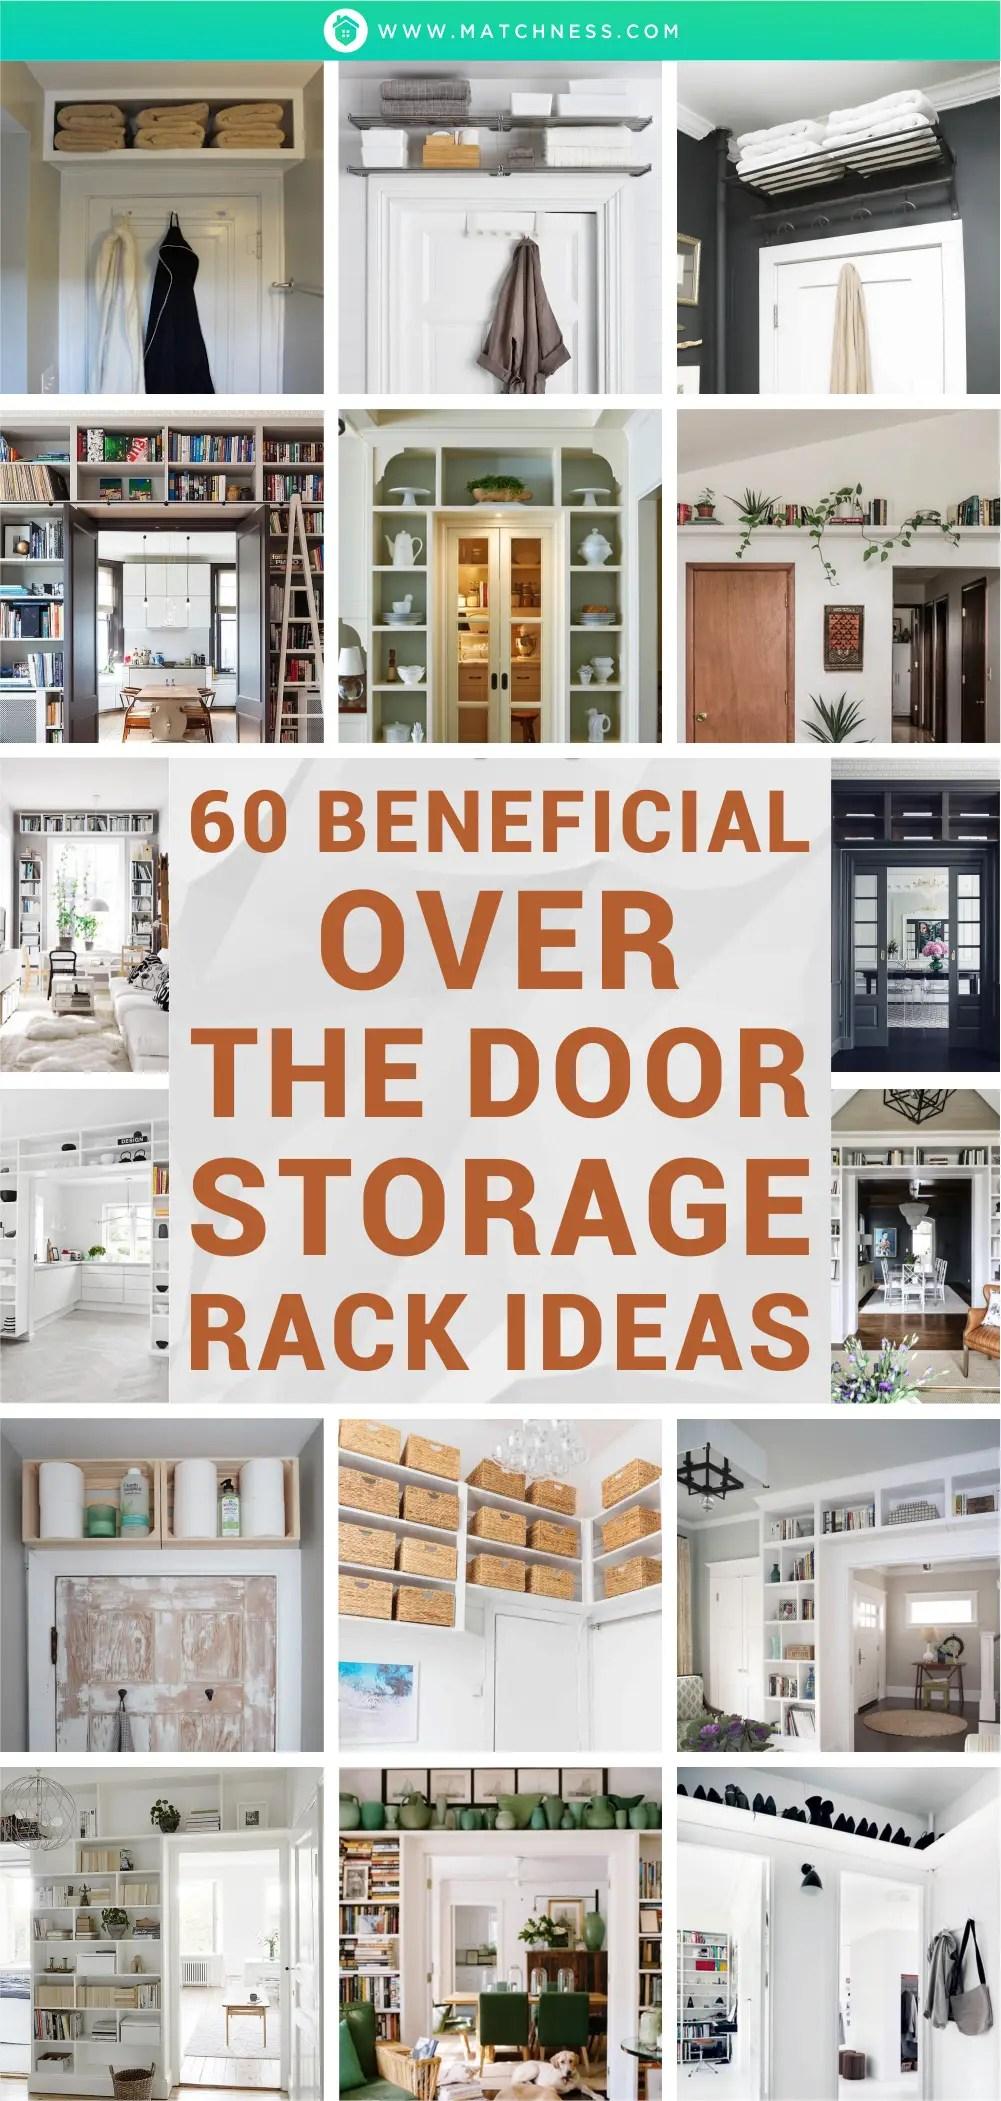 60-beneficial-over-the-door-storage-rack-ideas1